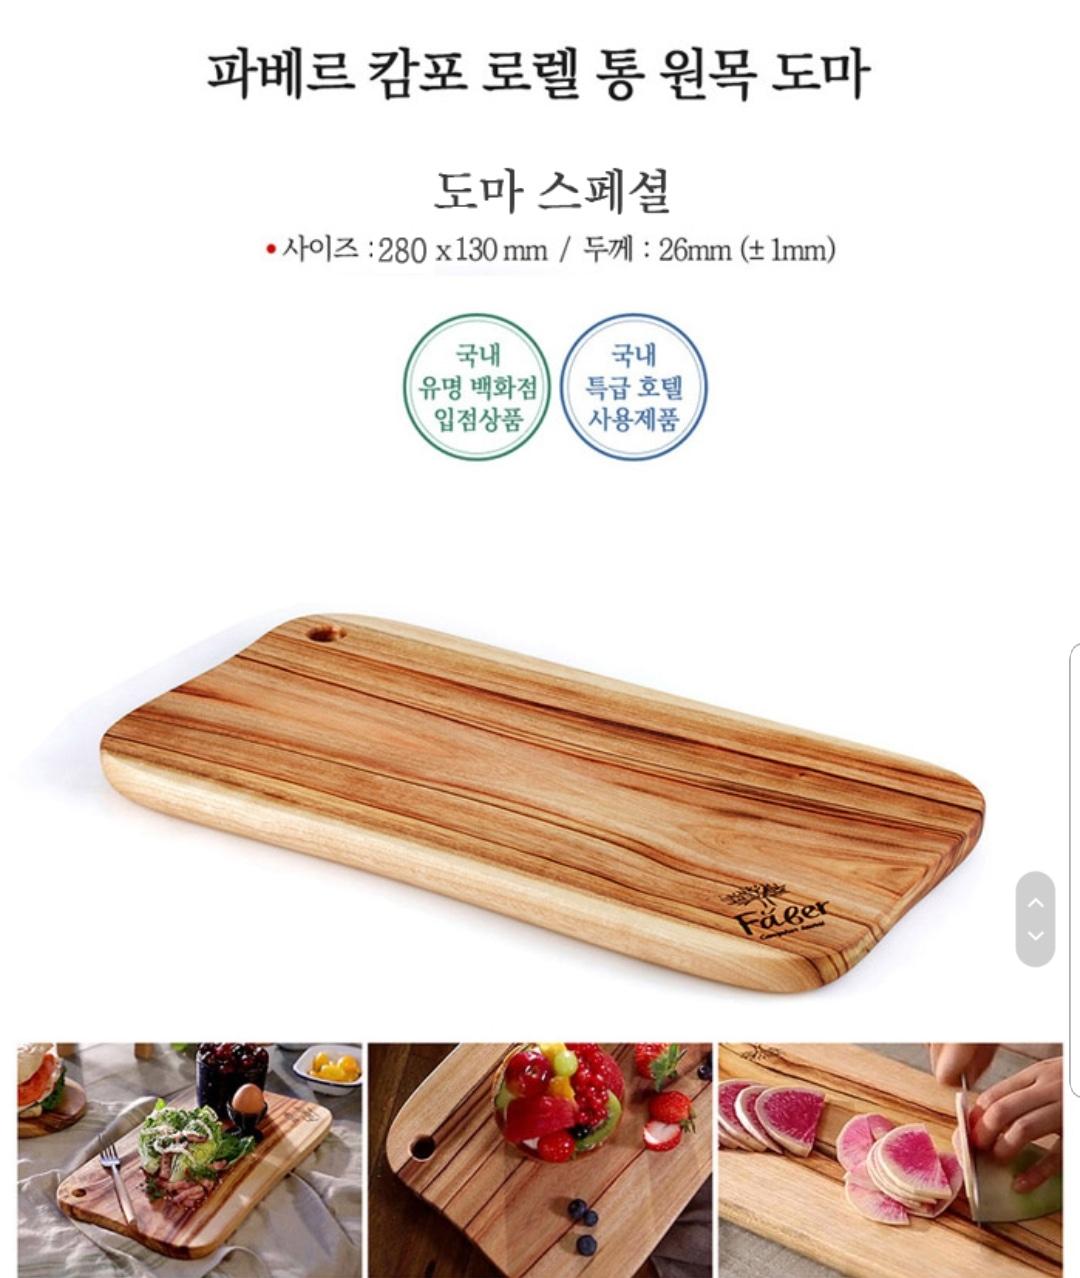 호주산 캄포도마 스페셜~ 미개봉 새제품(무료배송)